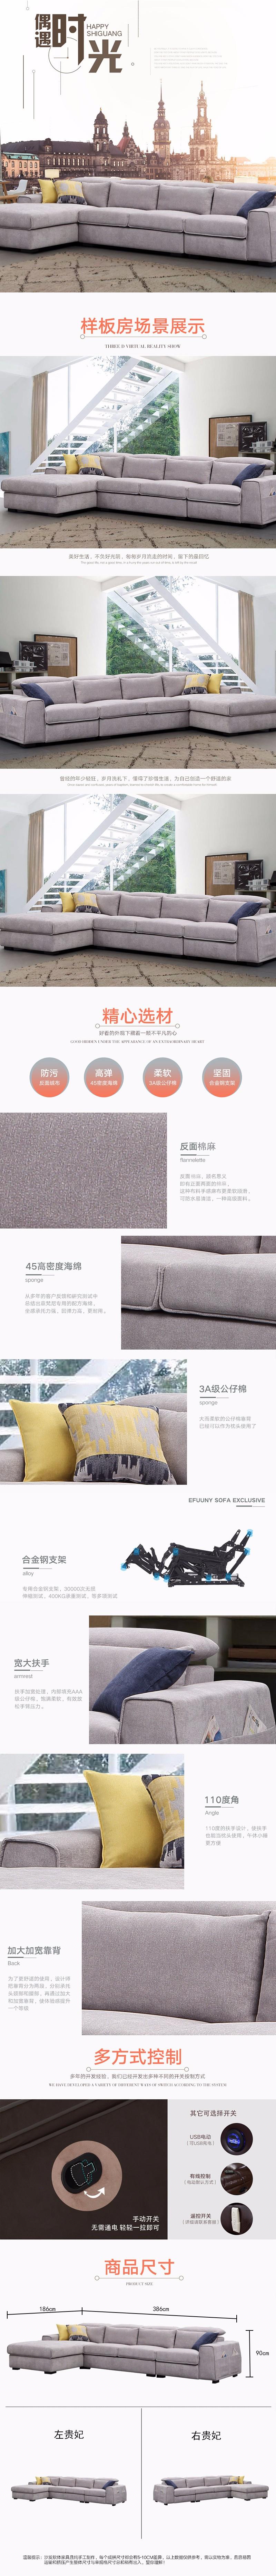 830小户型沙发客厅布艺沙发组合时尚沙发.jpg